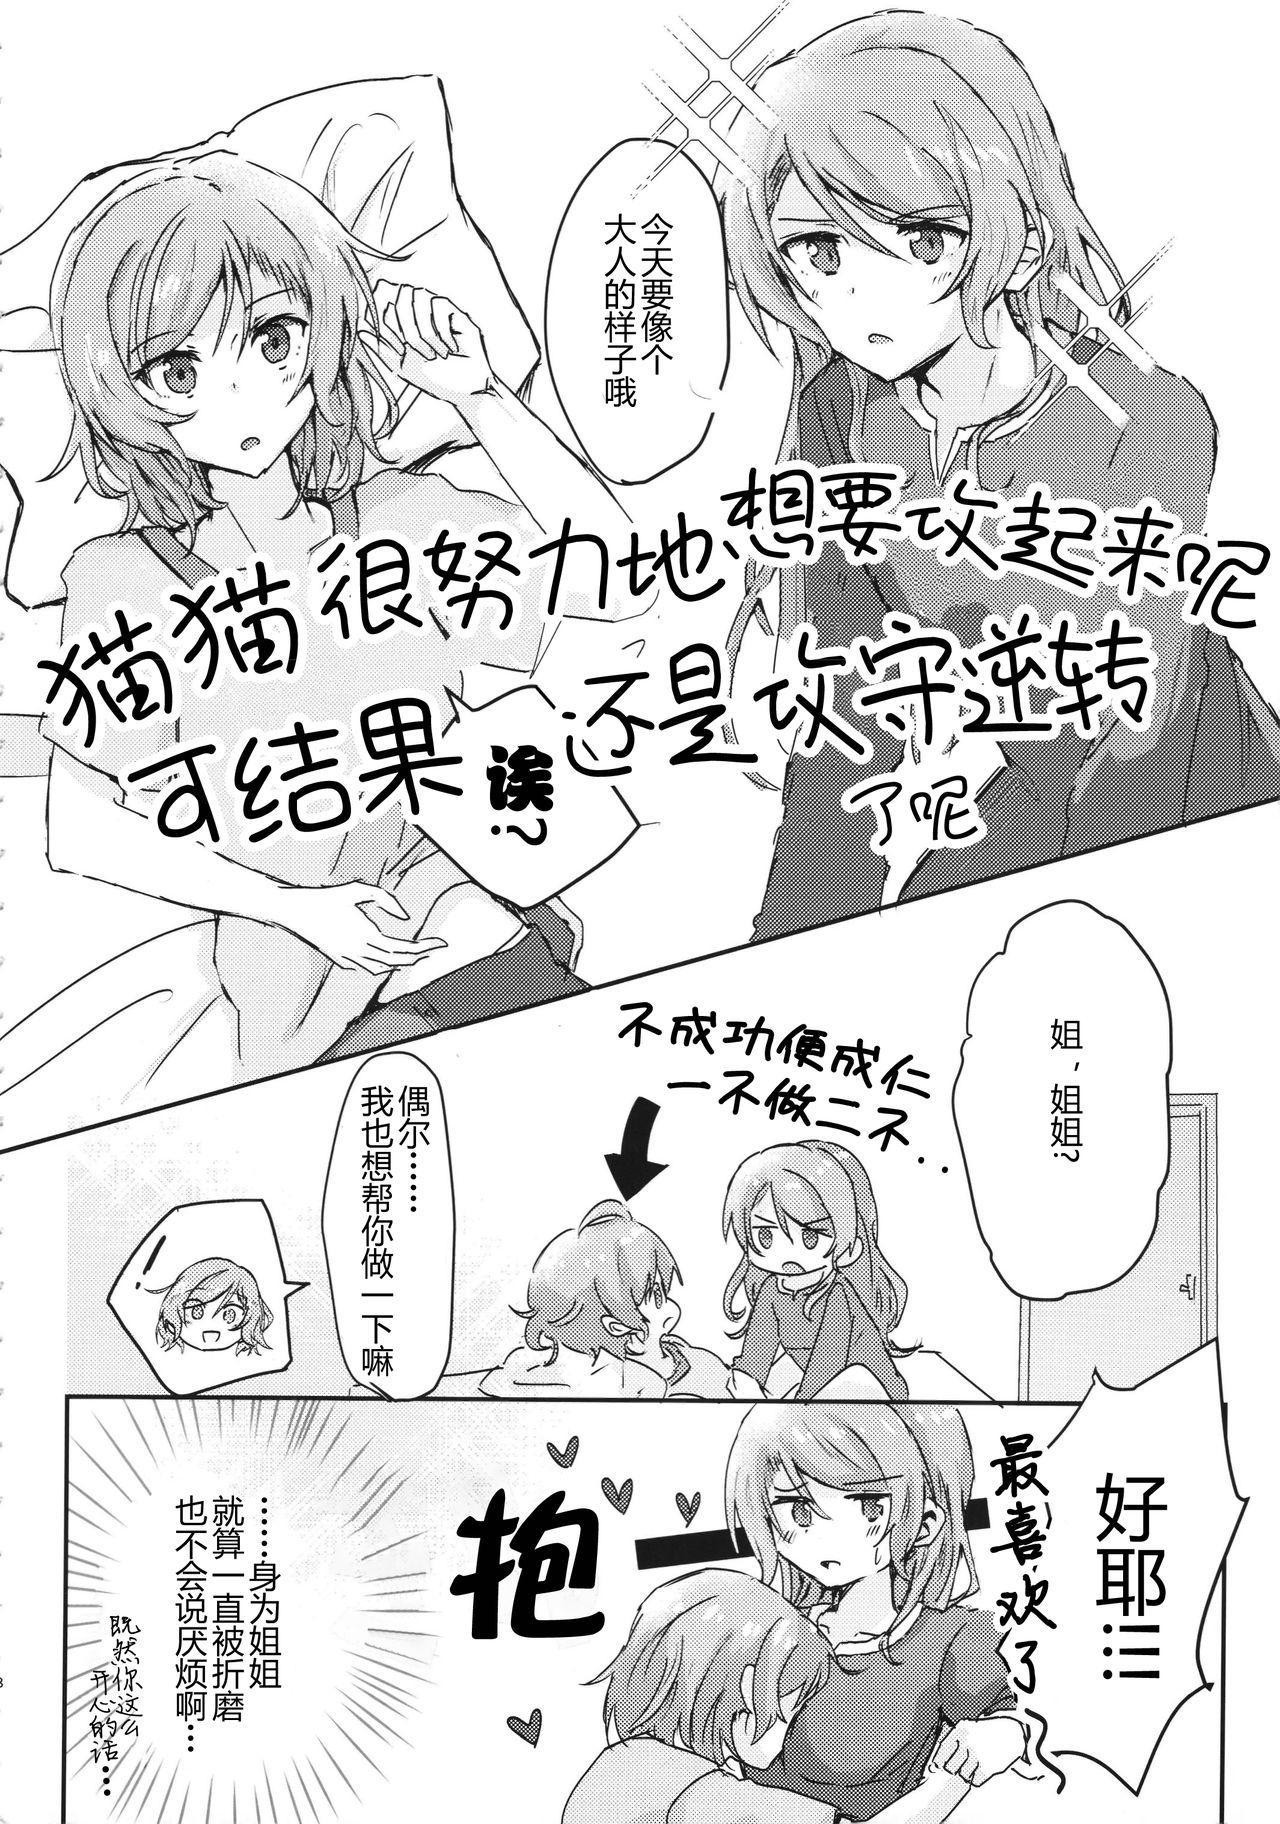 氷川姉妹18禁合同「今日は一緒に寝てもいい?」 7